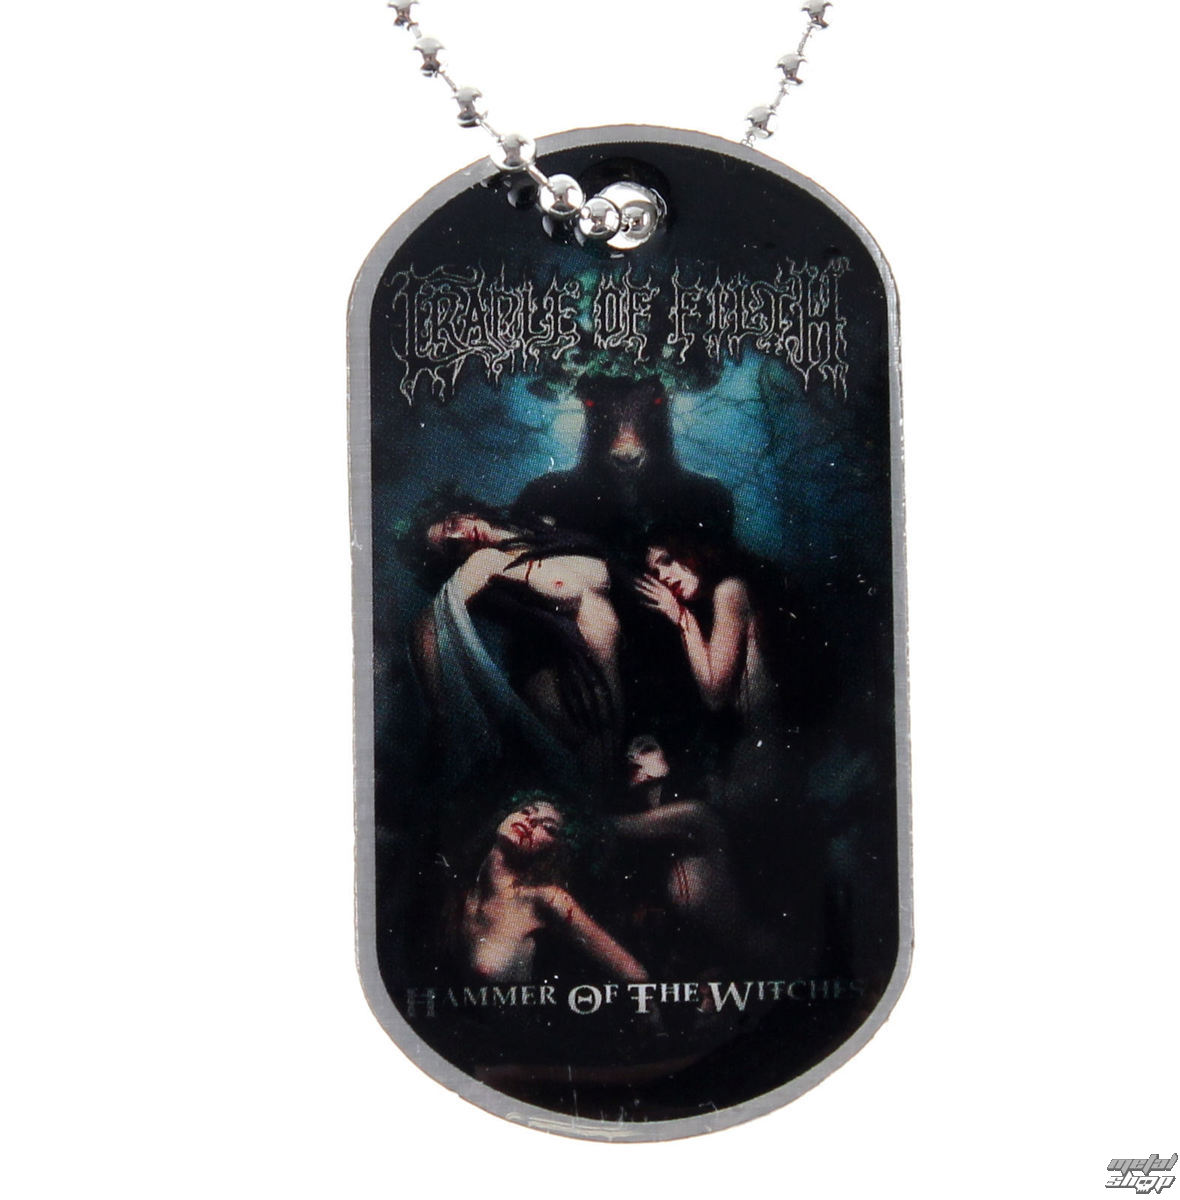 obojek (psí známka) Cradle of Filth - Hammer Of The Witches - RAZAMATAZ - DT065